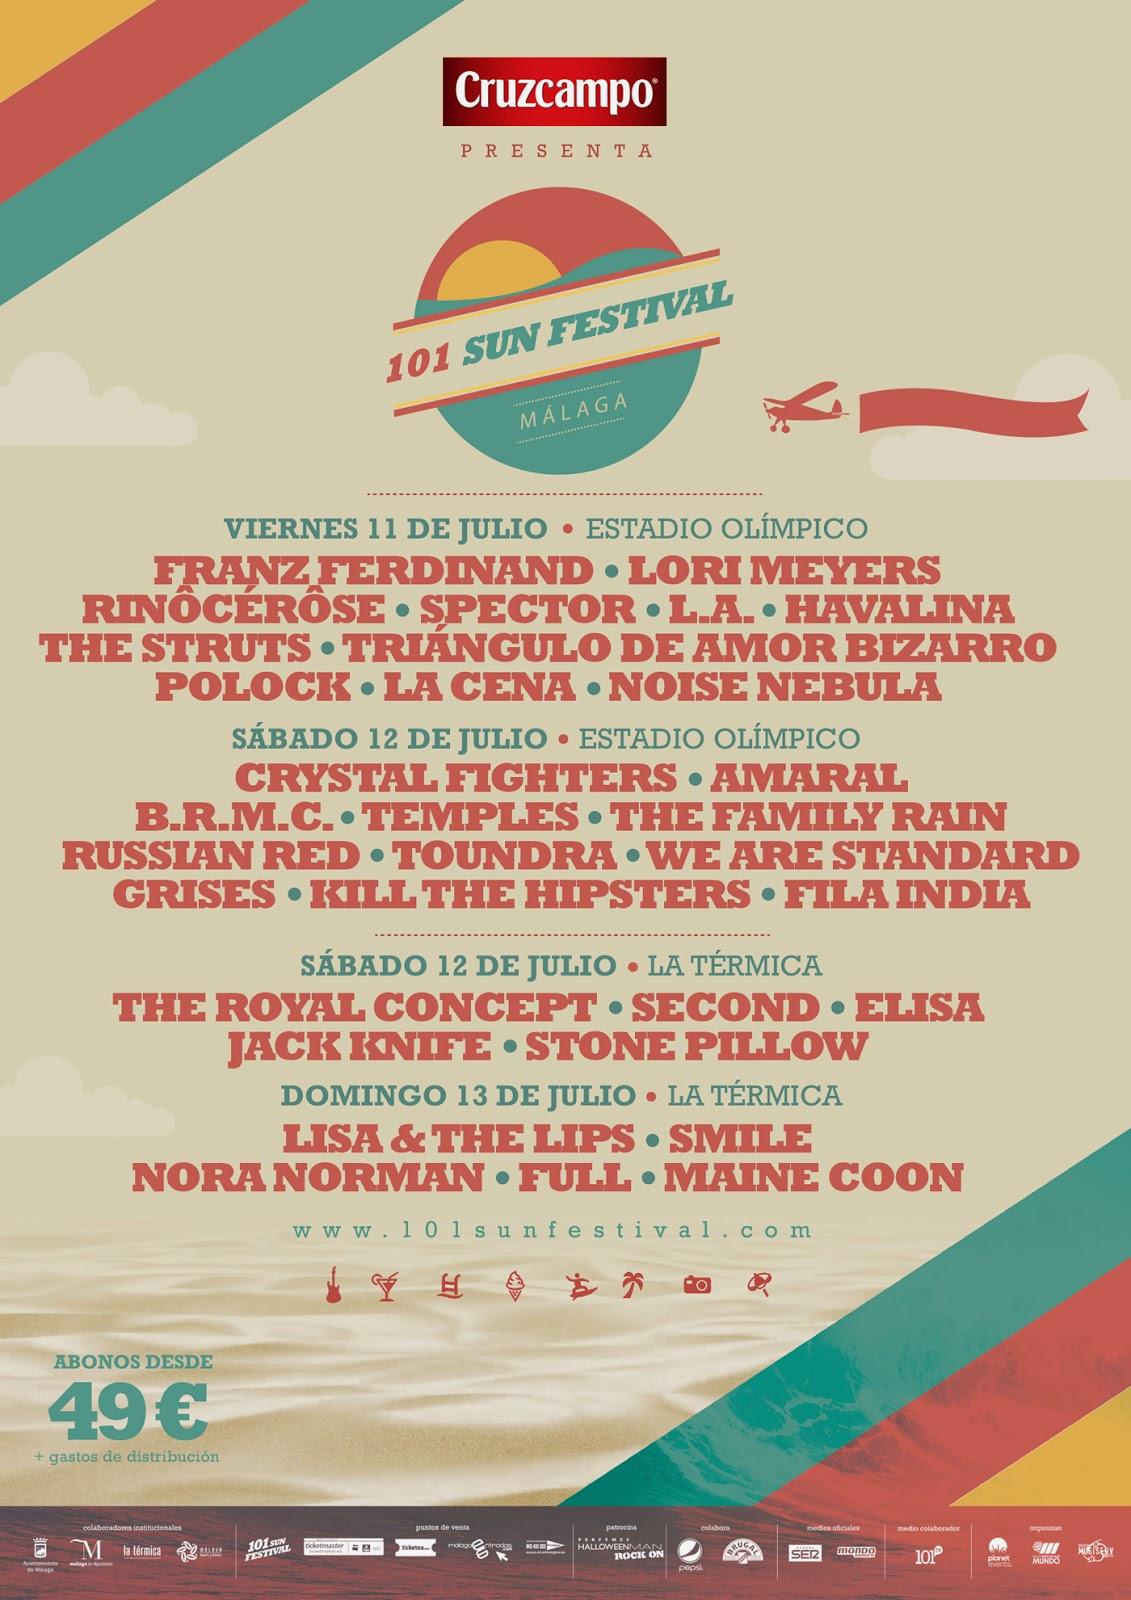 Cartel 101 Sun Festival definitivo 2014